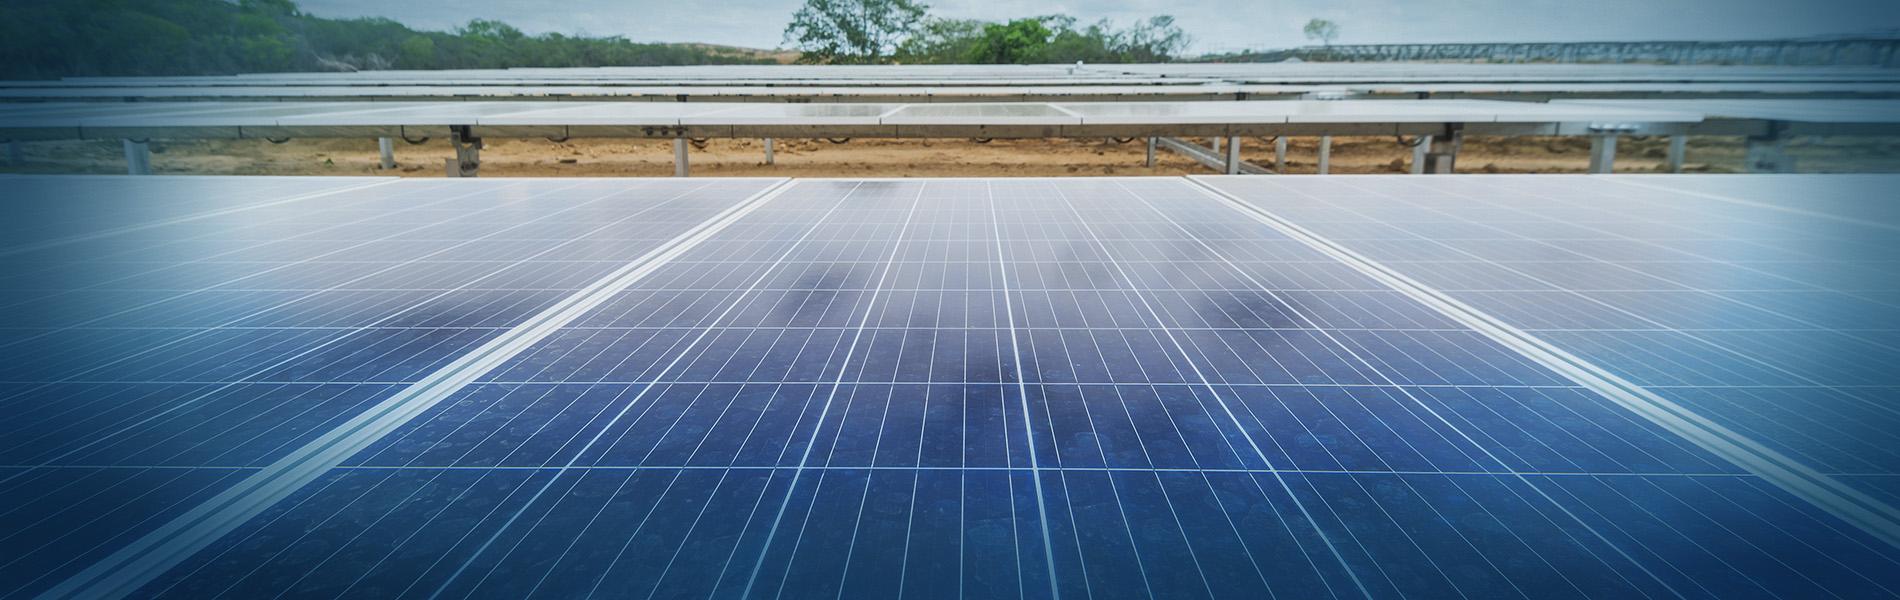 banner weg waldesa energia solar